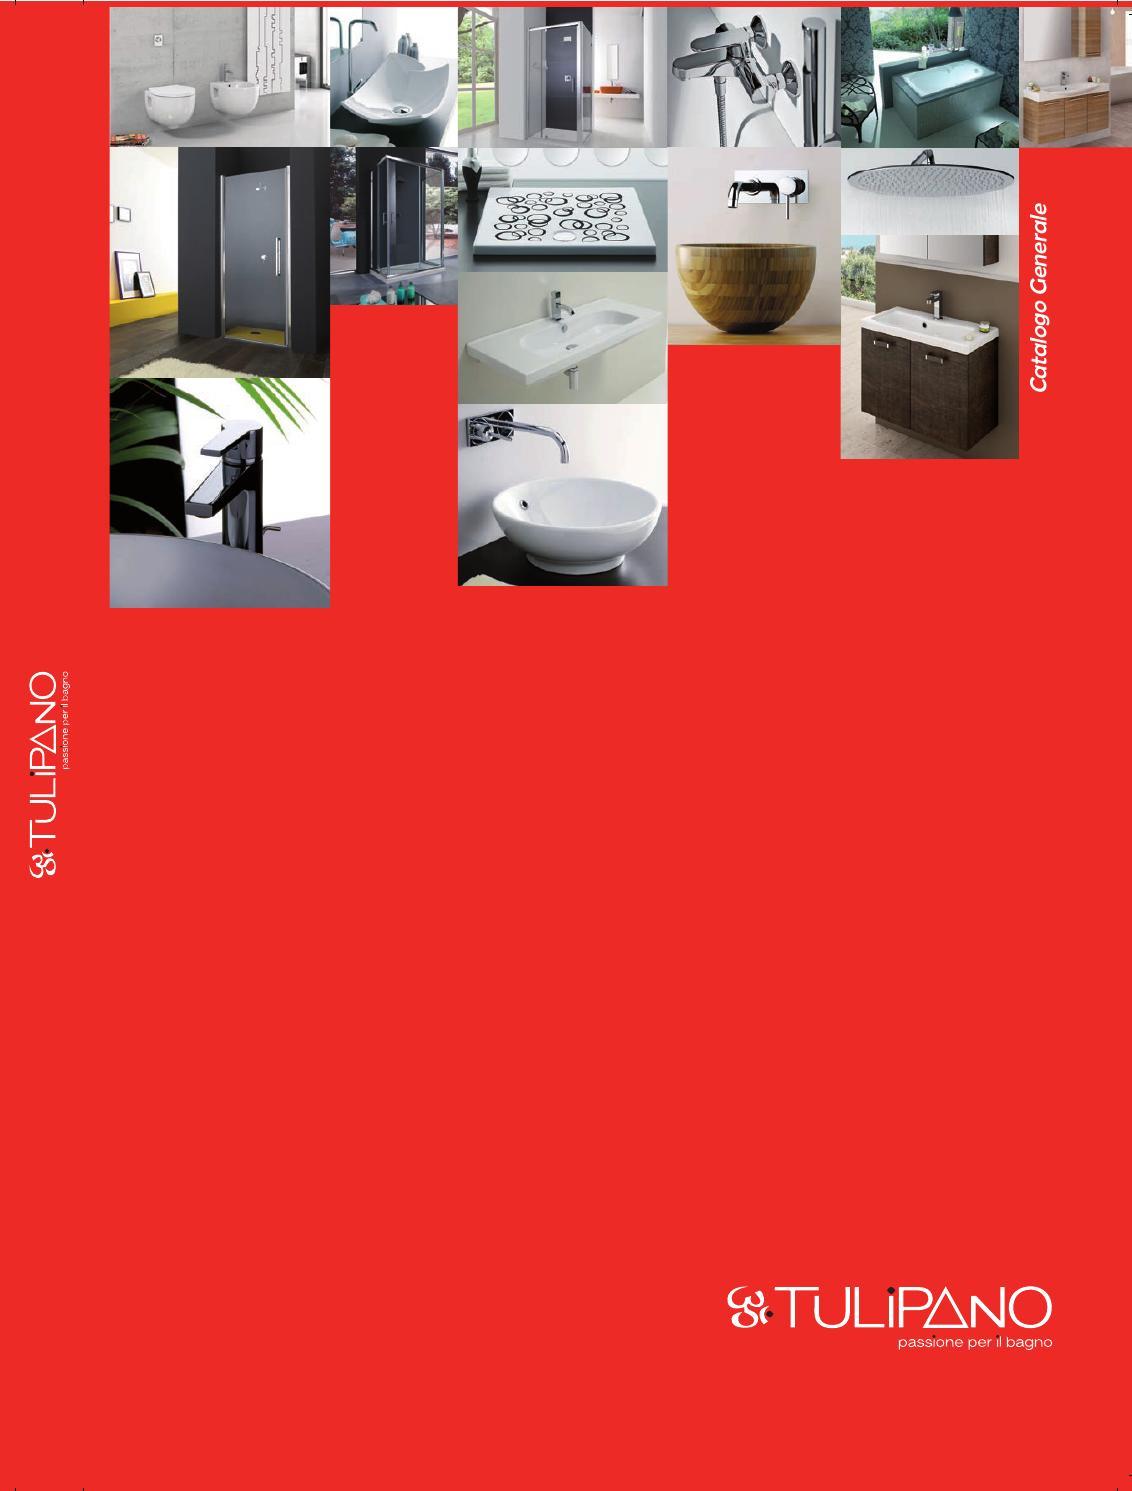 Album iridium di callegari tende by neroavorio s.r.l.   issuu